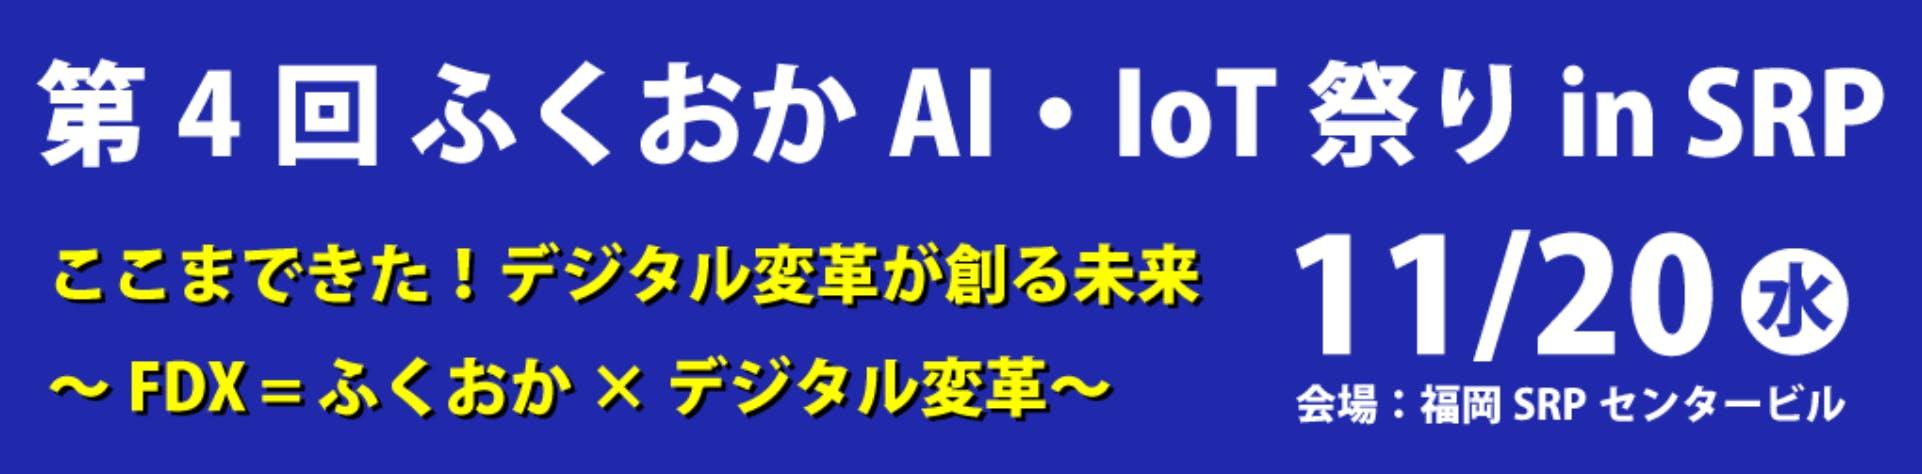 ふくおかAI・IoT祭り 2019